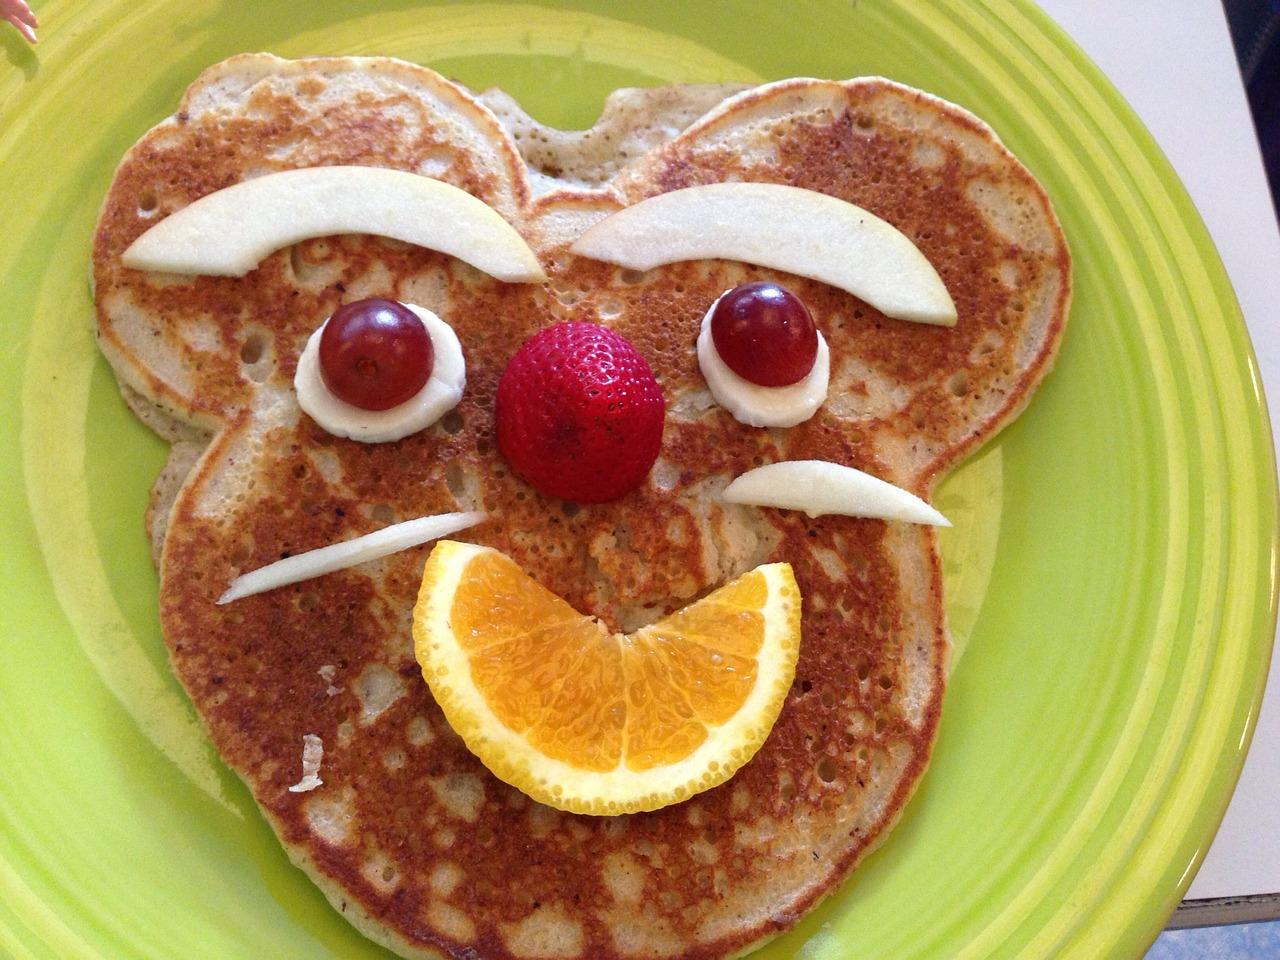 Картинка с завтраком прикольная, днем